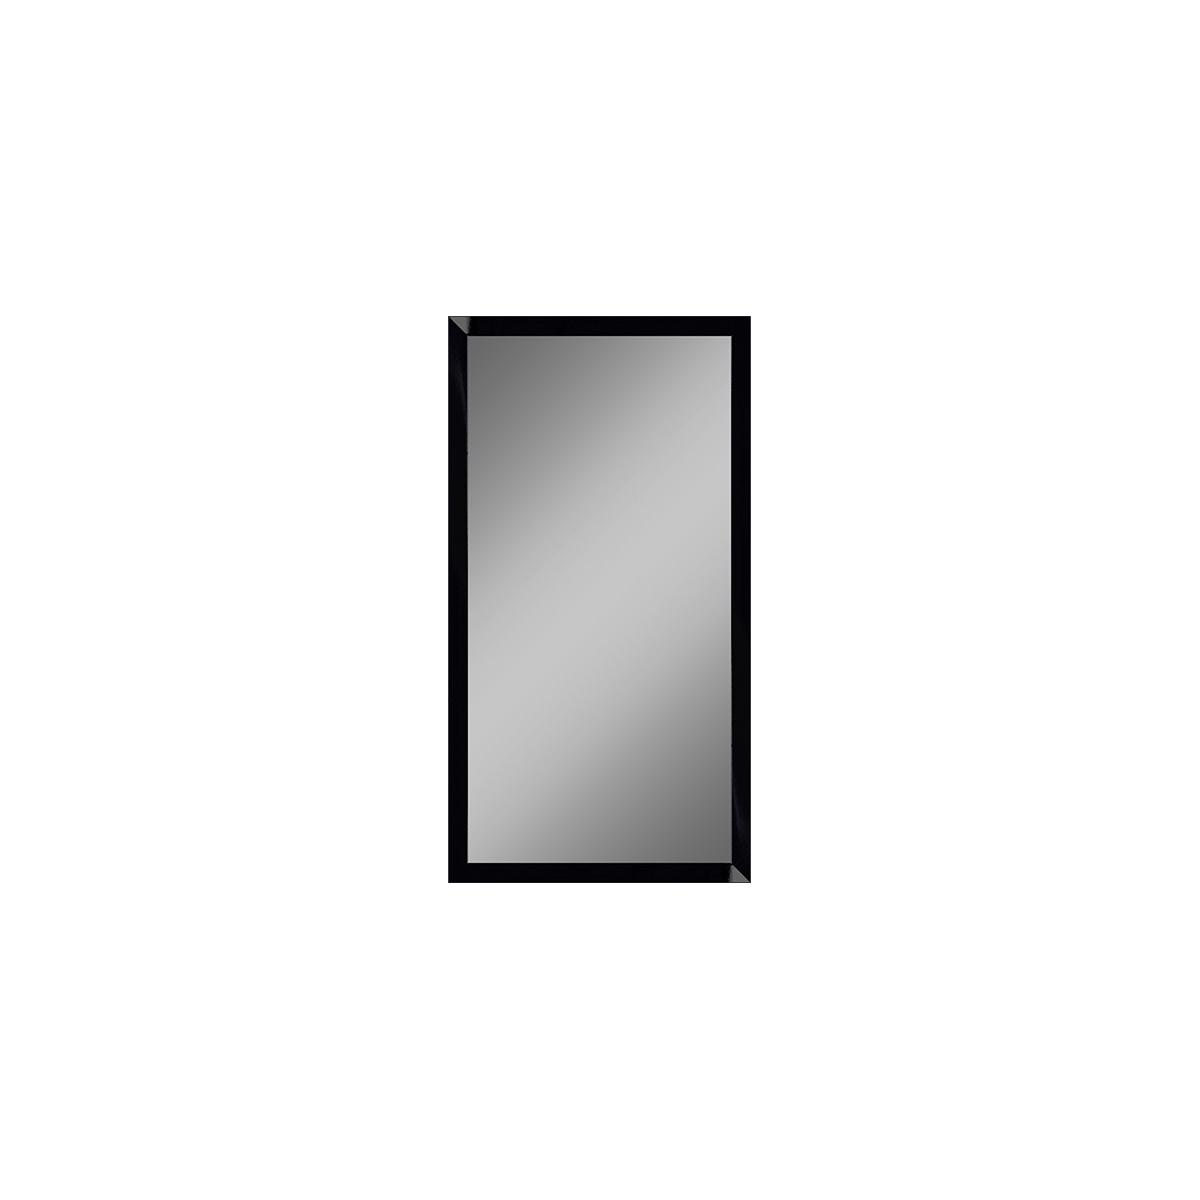 Incado Spejl - Sort lak